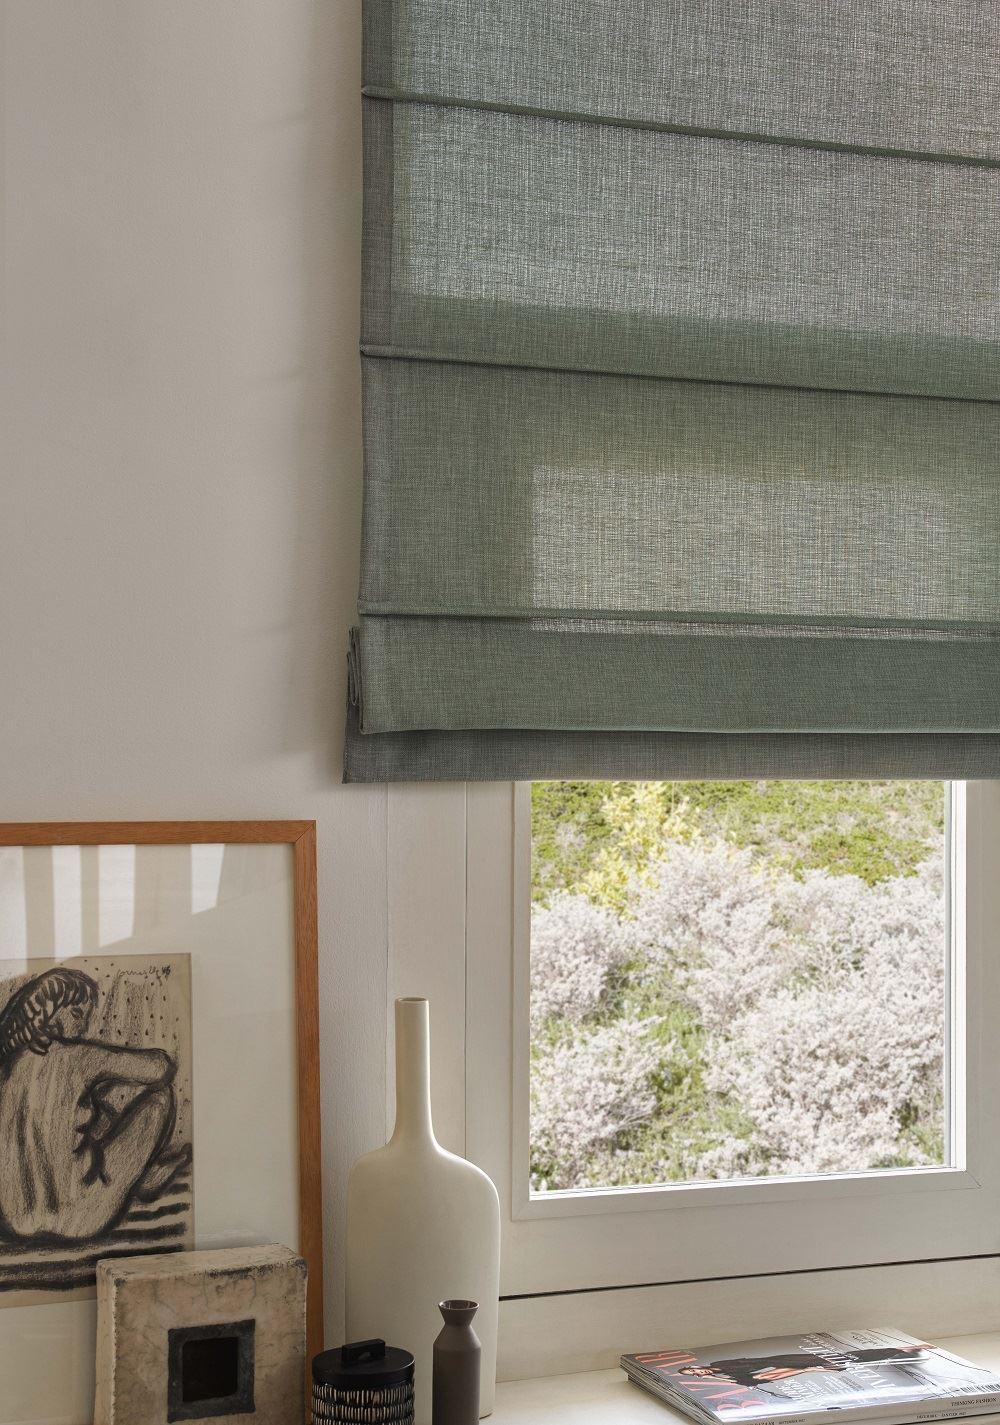 Afbeelding van Luxaflex® vouwgordijn Elegant wonen met powerview